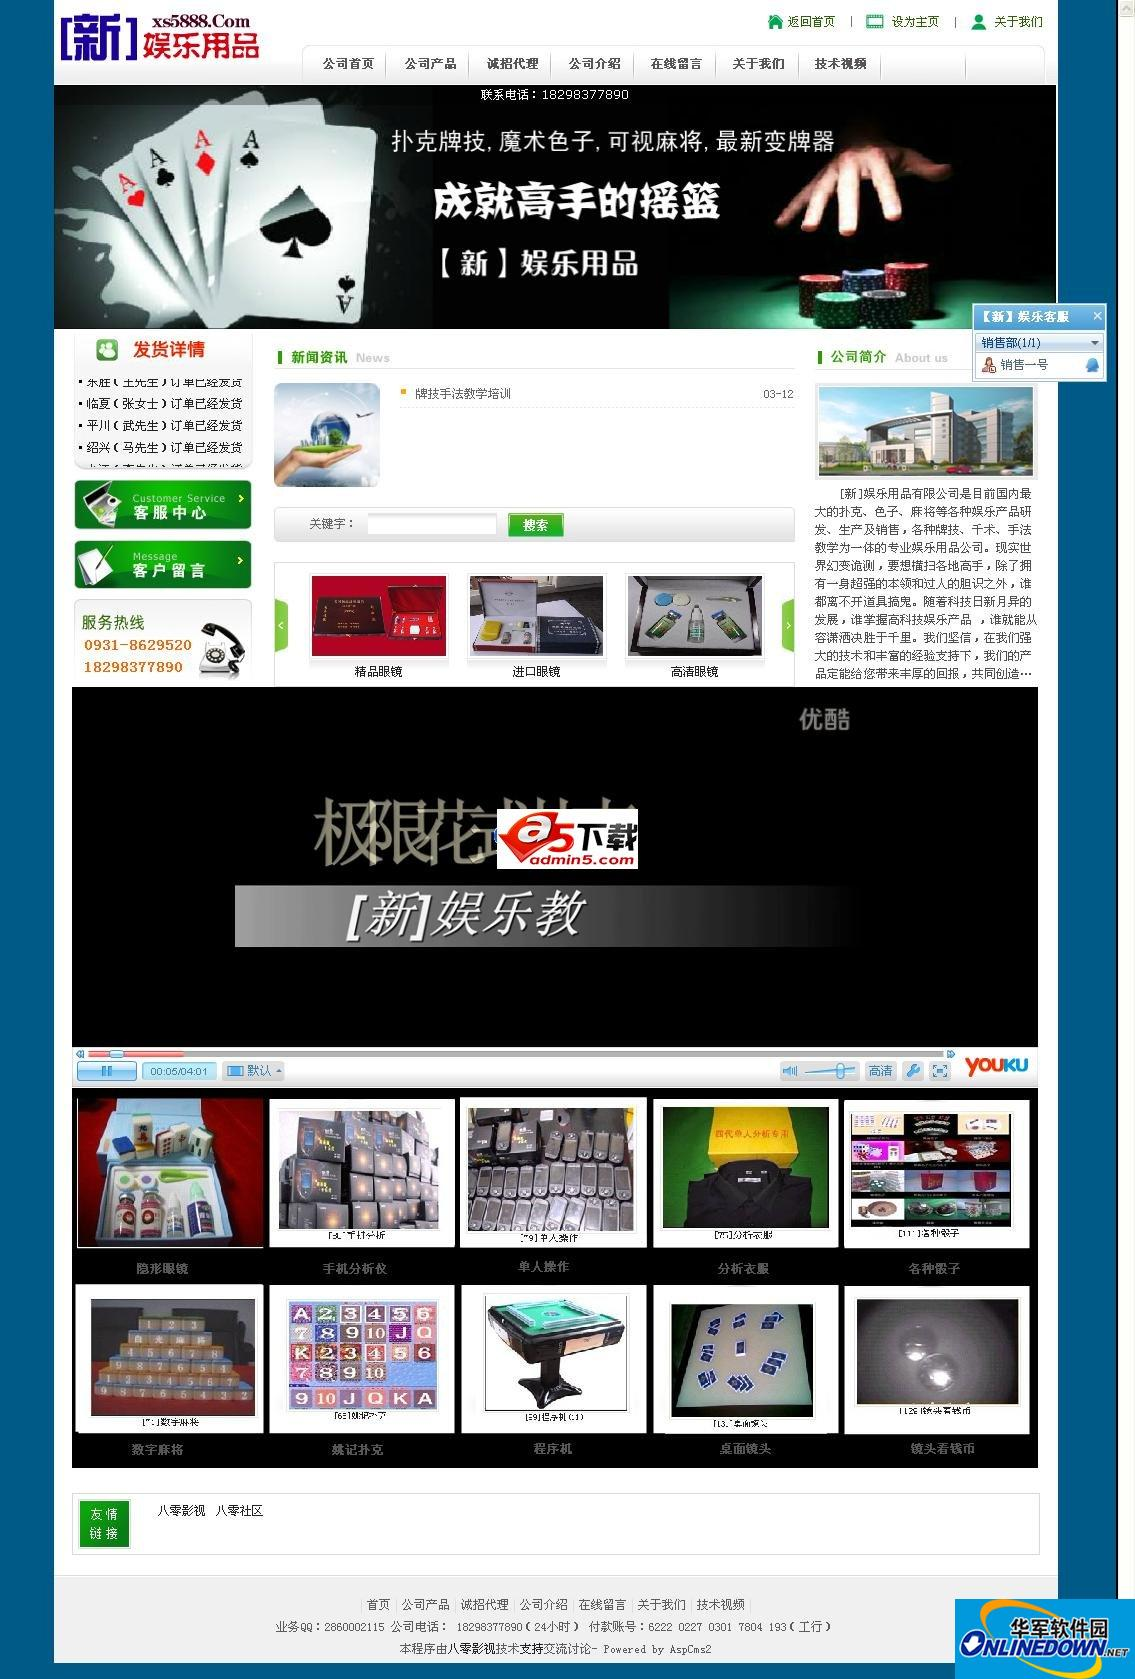 八零影视产品展示系统